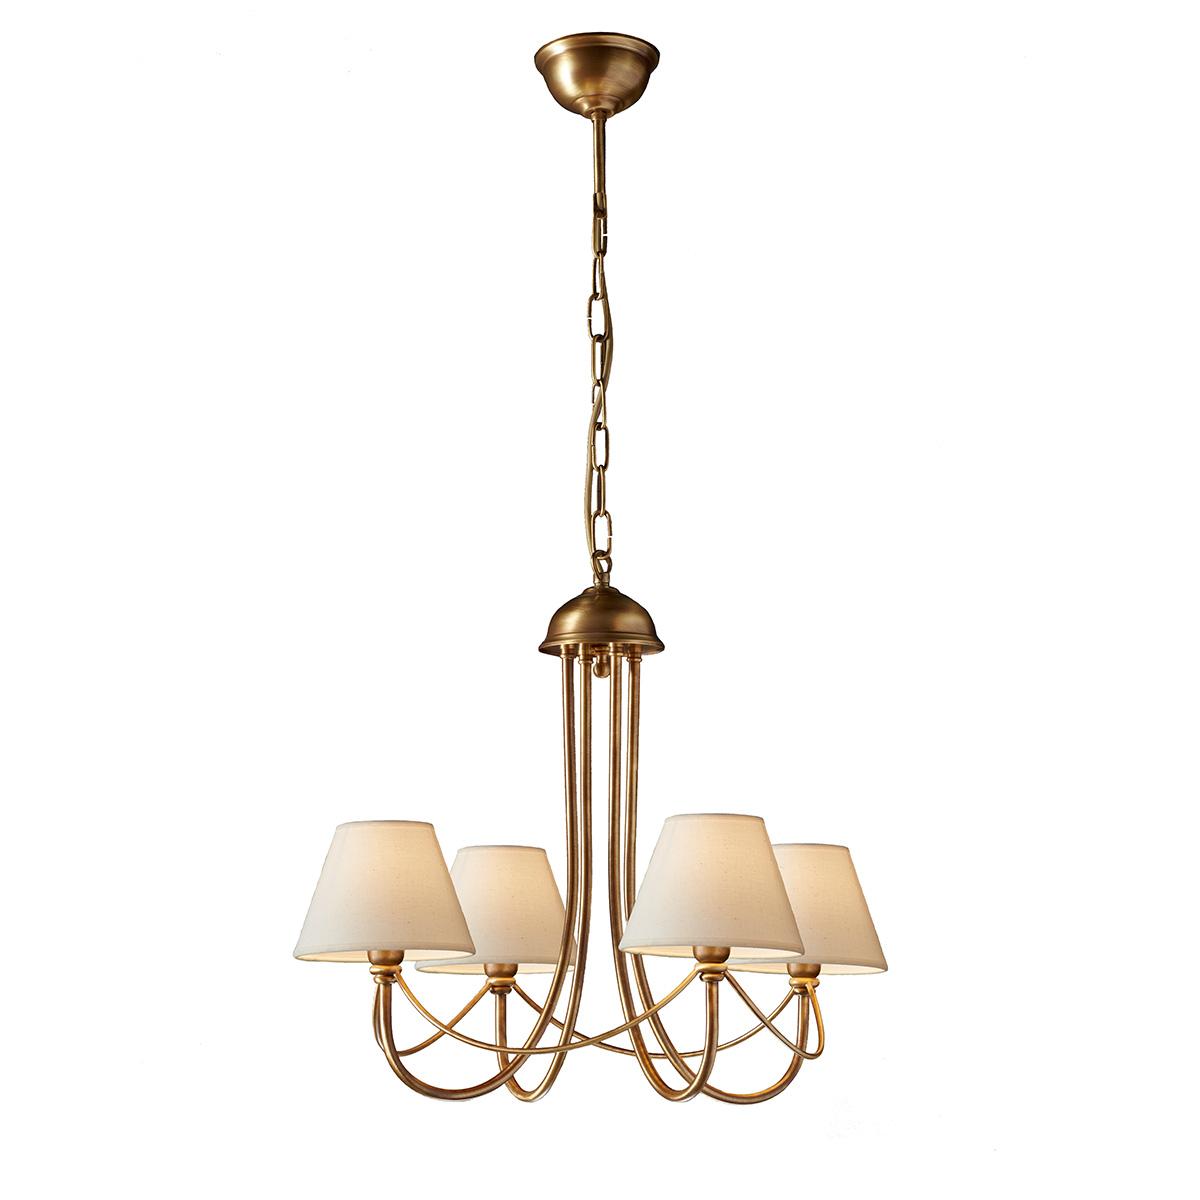 Κλασικό 4φωτο πολύφωτο με καπέλα ΓΥΘΕΙΟ classic 4-bulb chandelier with shades